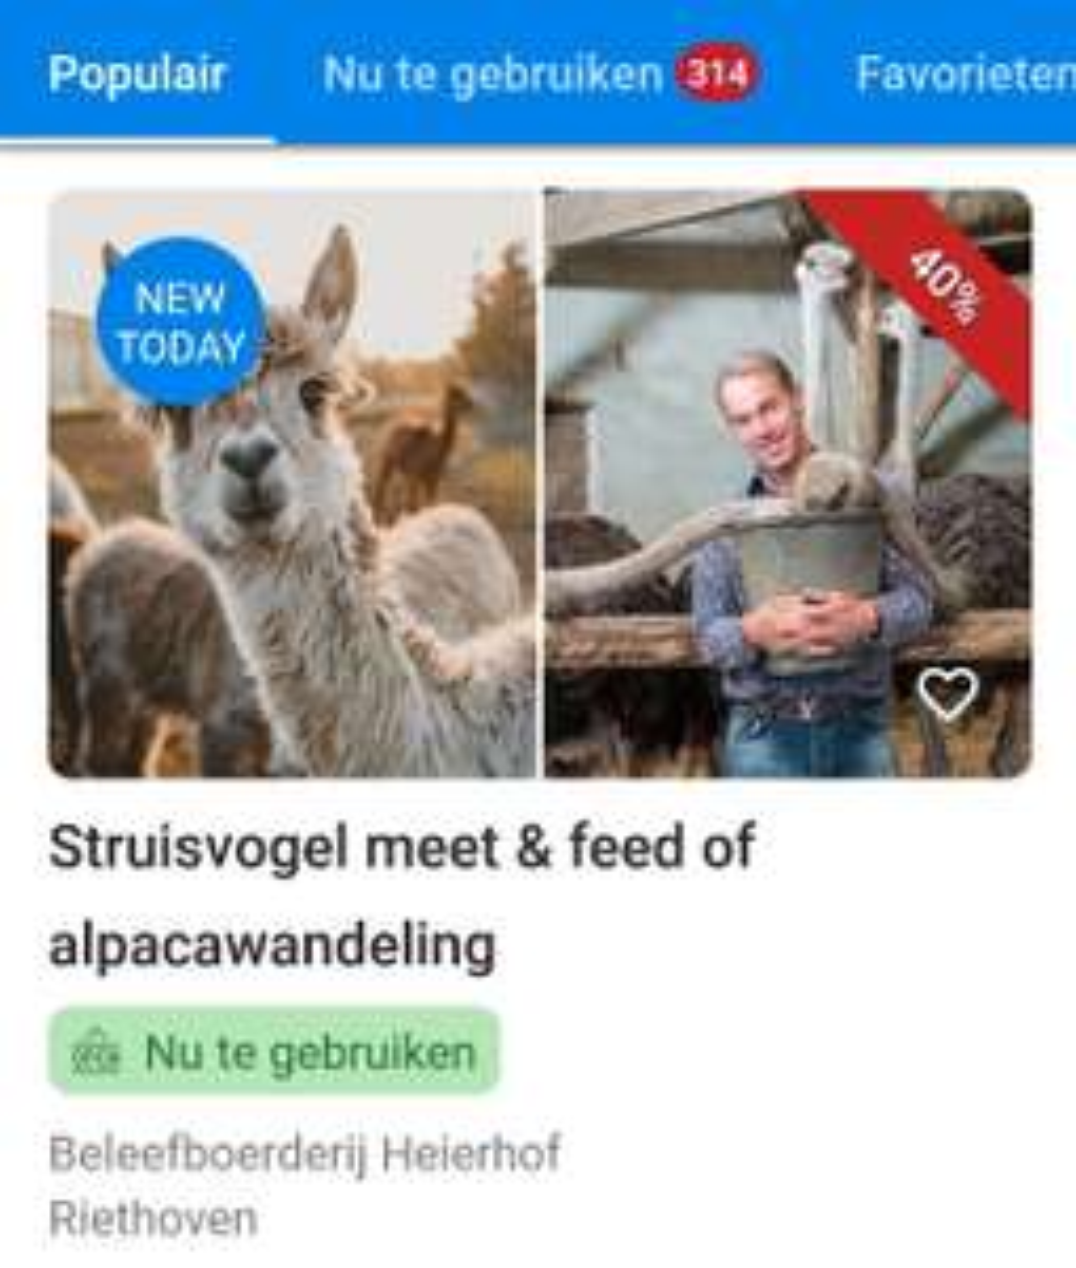 Struisvogel meet & feed of Alpaca wandeling bij Beleefboerderij Heierhof (Riethoven) voor €17,95